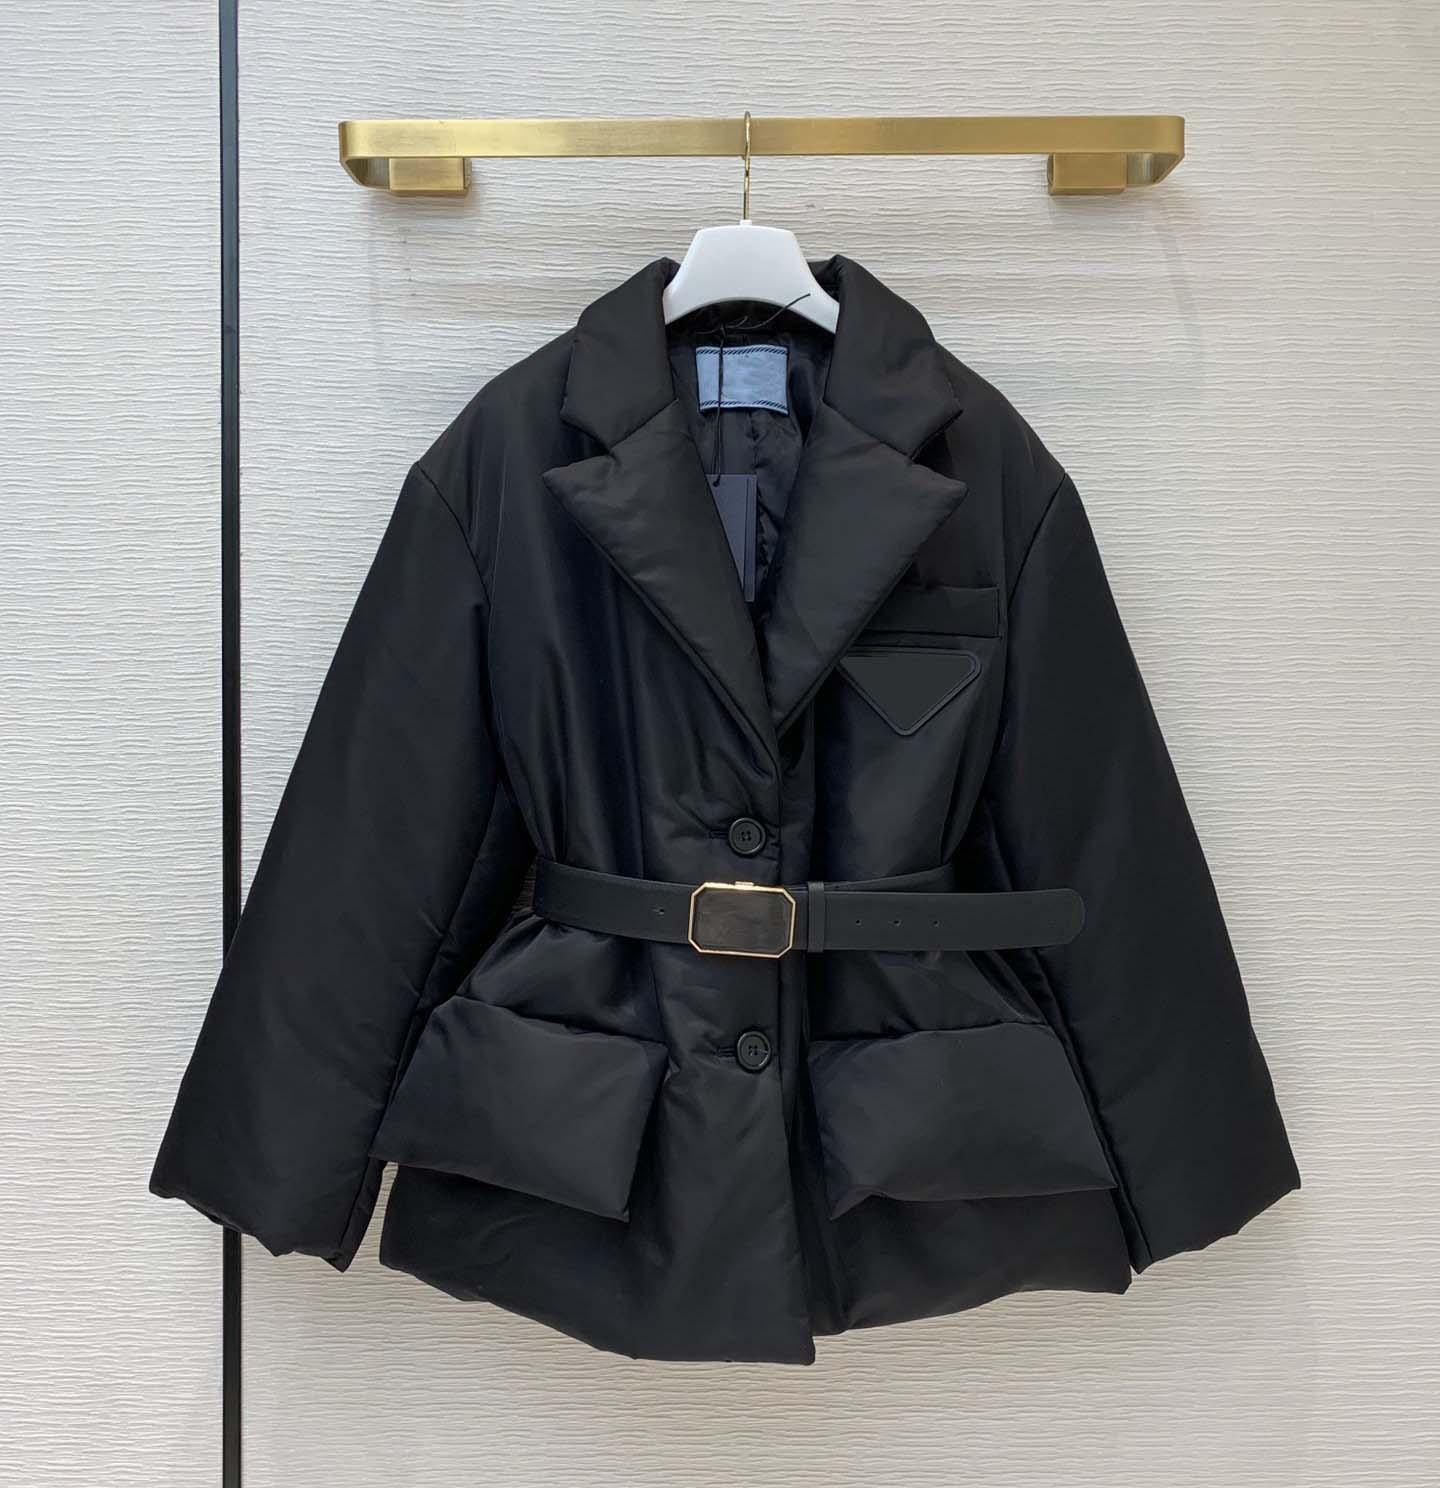 Frauen Parkas Mantel mit Hardware Invertiertes Dreieck Frauen Winter Dicke Mantel Suitsblazers Stil mit Gürtelgröße 36 38 40 Schwarz grau